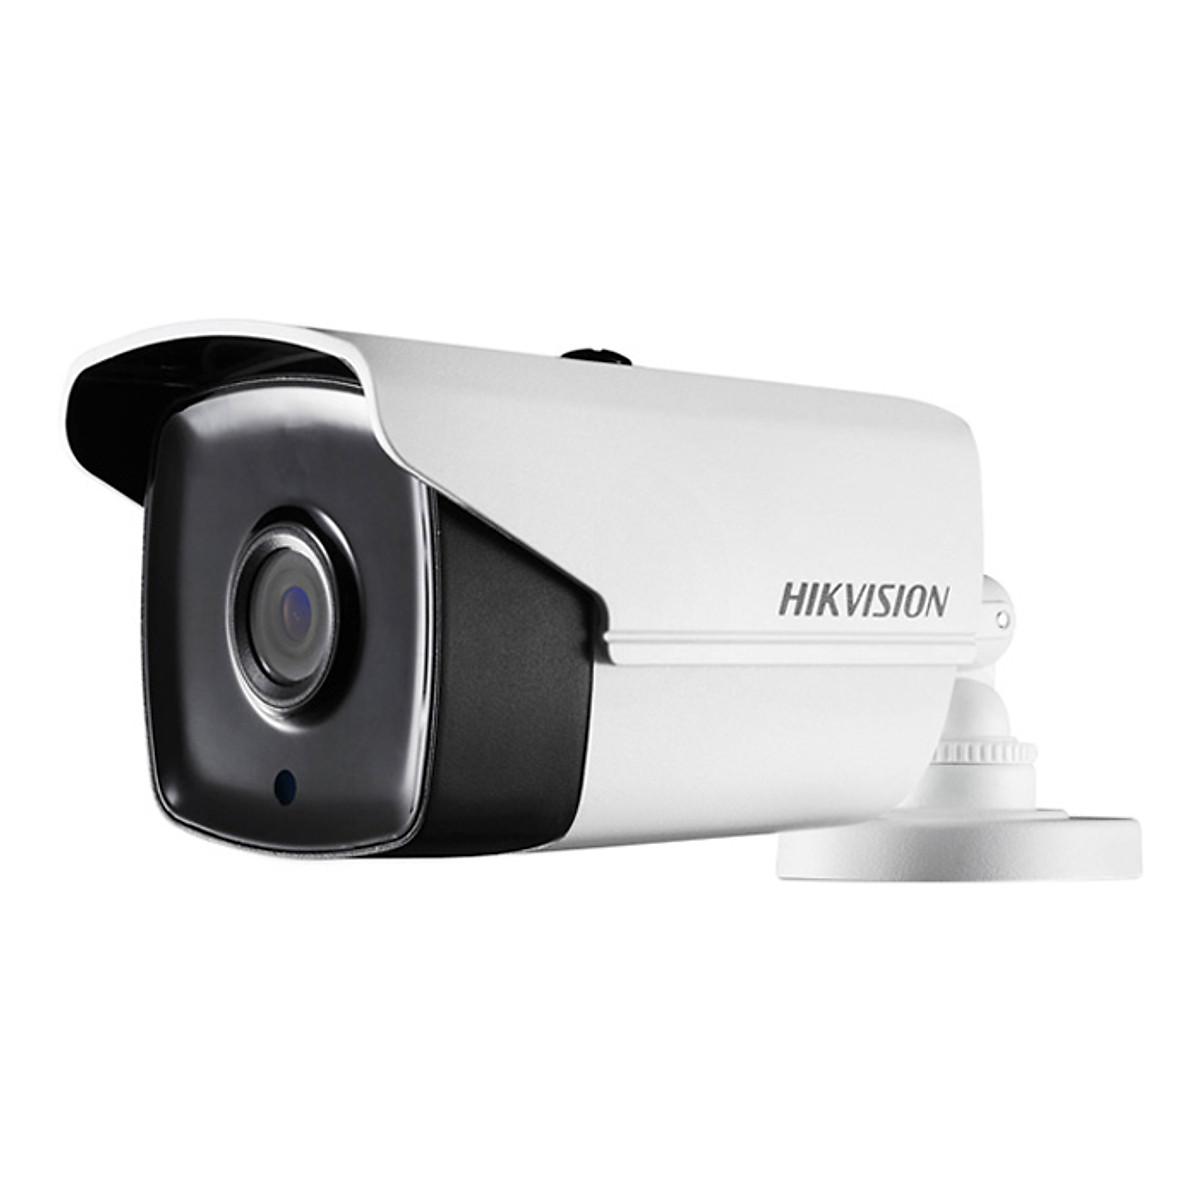 Camera TVI HIKVISION DS-2CE16C0T-IT3 1.0 Megapixel – Hàng Nhập Khẩu